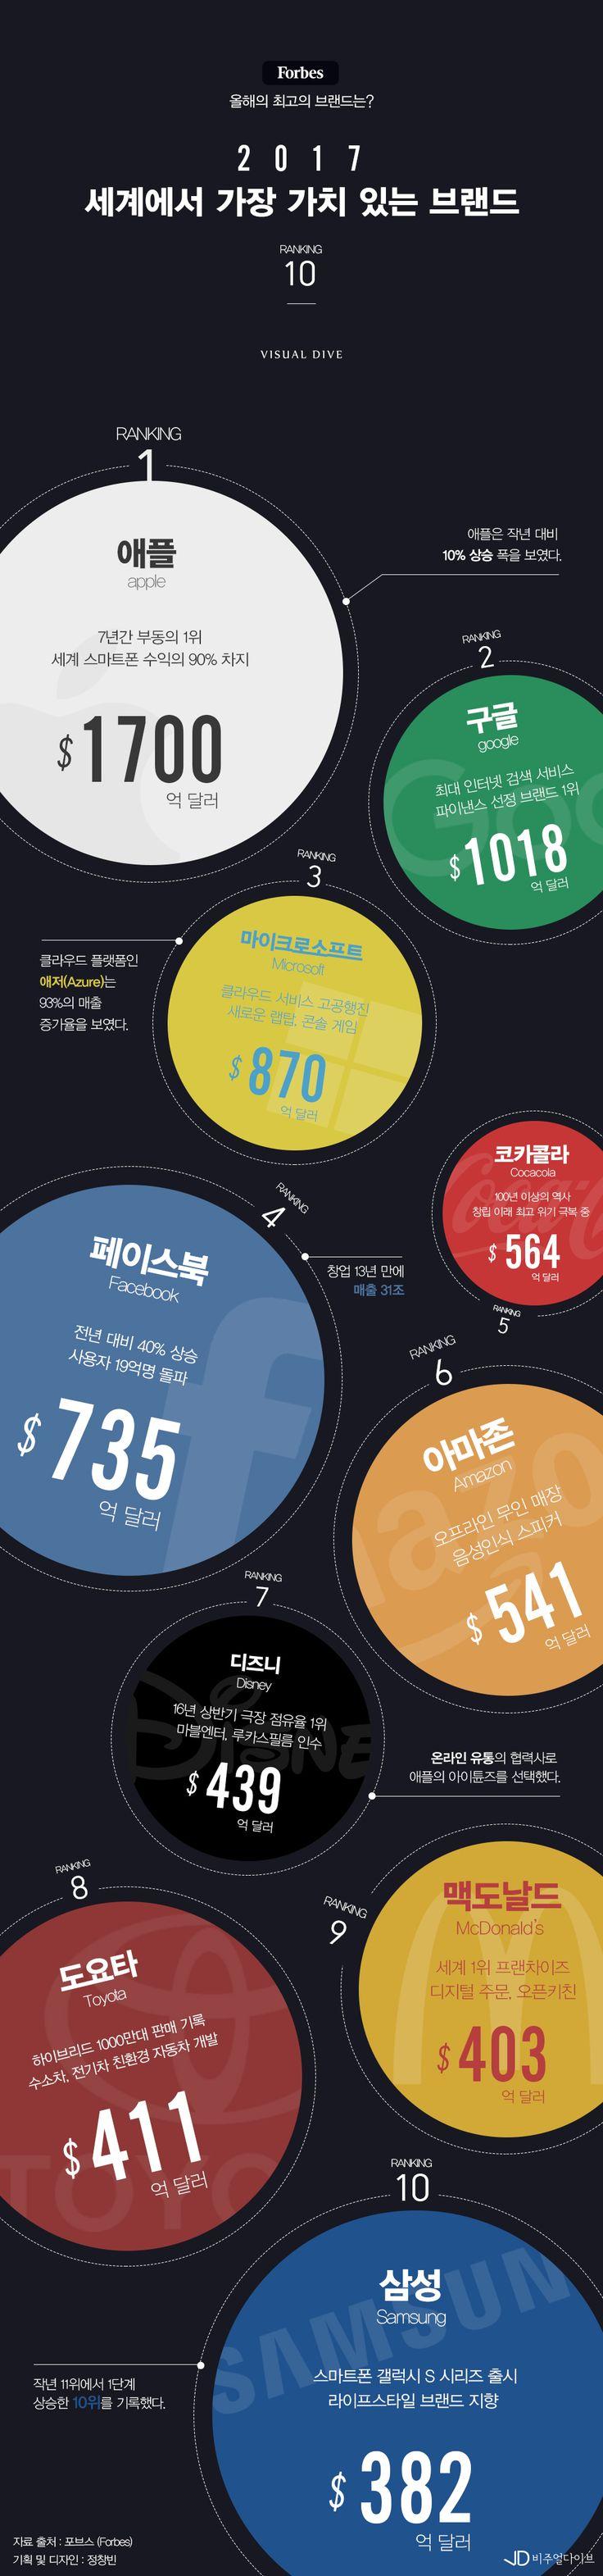 포브스가 선정한 2017 세계에서 가장 가치 있는 브랜드 top 10 [인포그래픽] #brand_ranking / #Infographic ⓒ 비주얼다이브 무단 복사·전재·재배포 금지